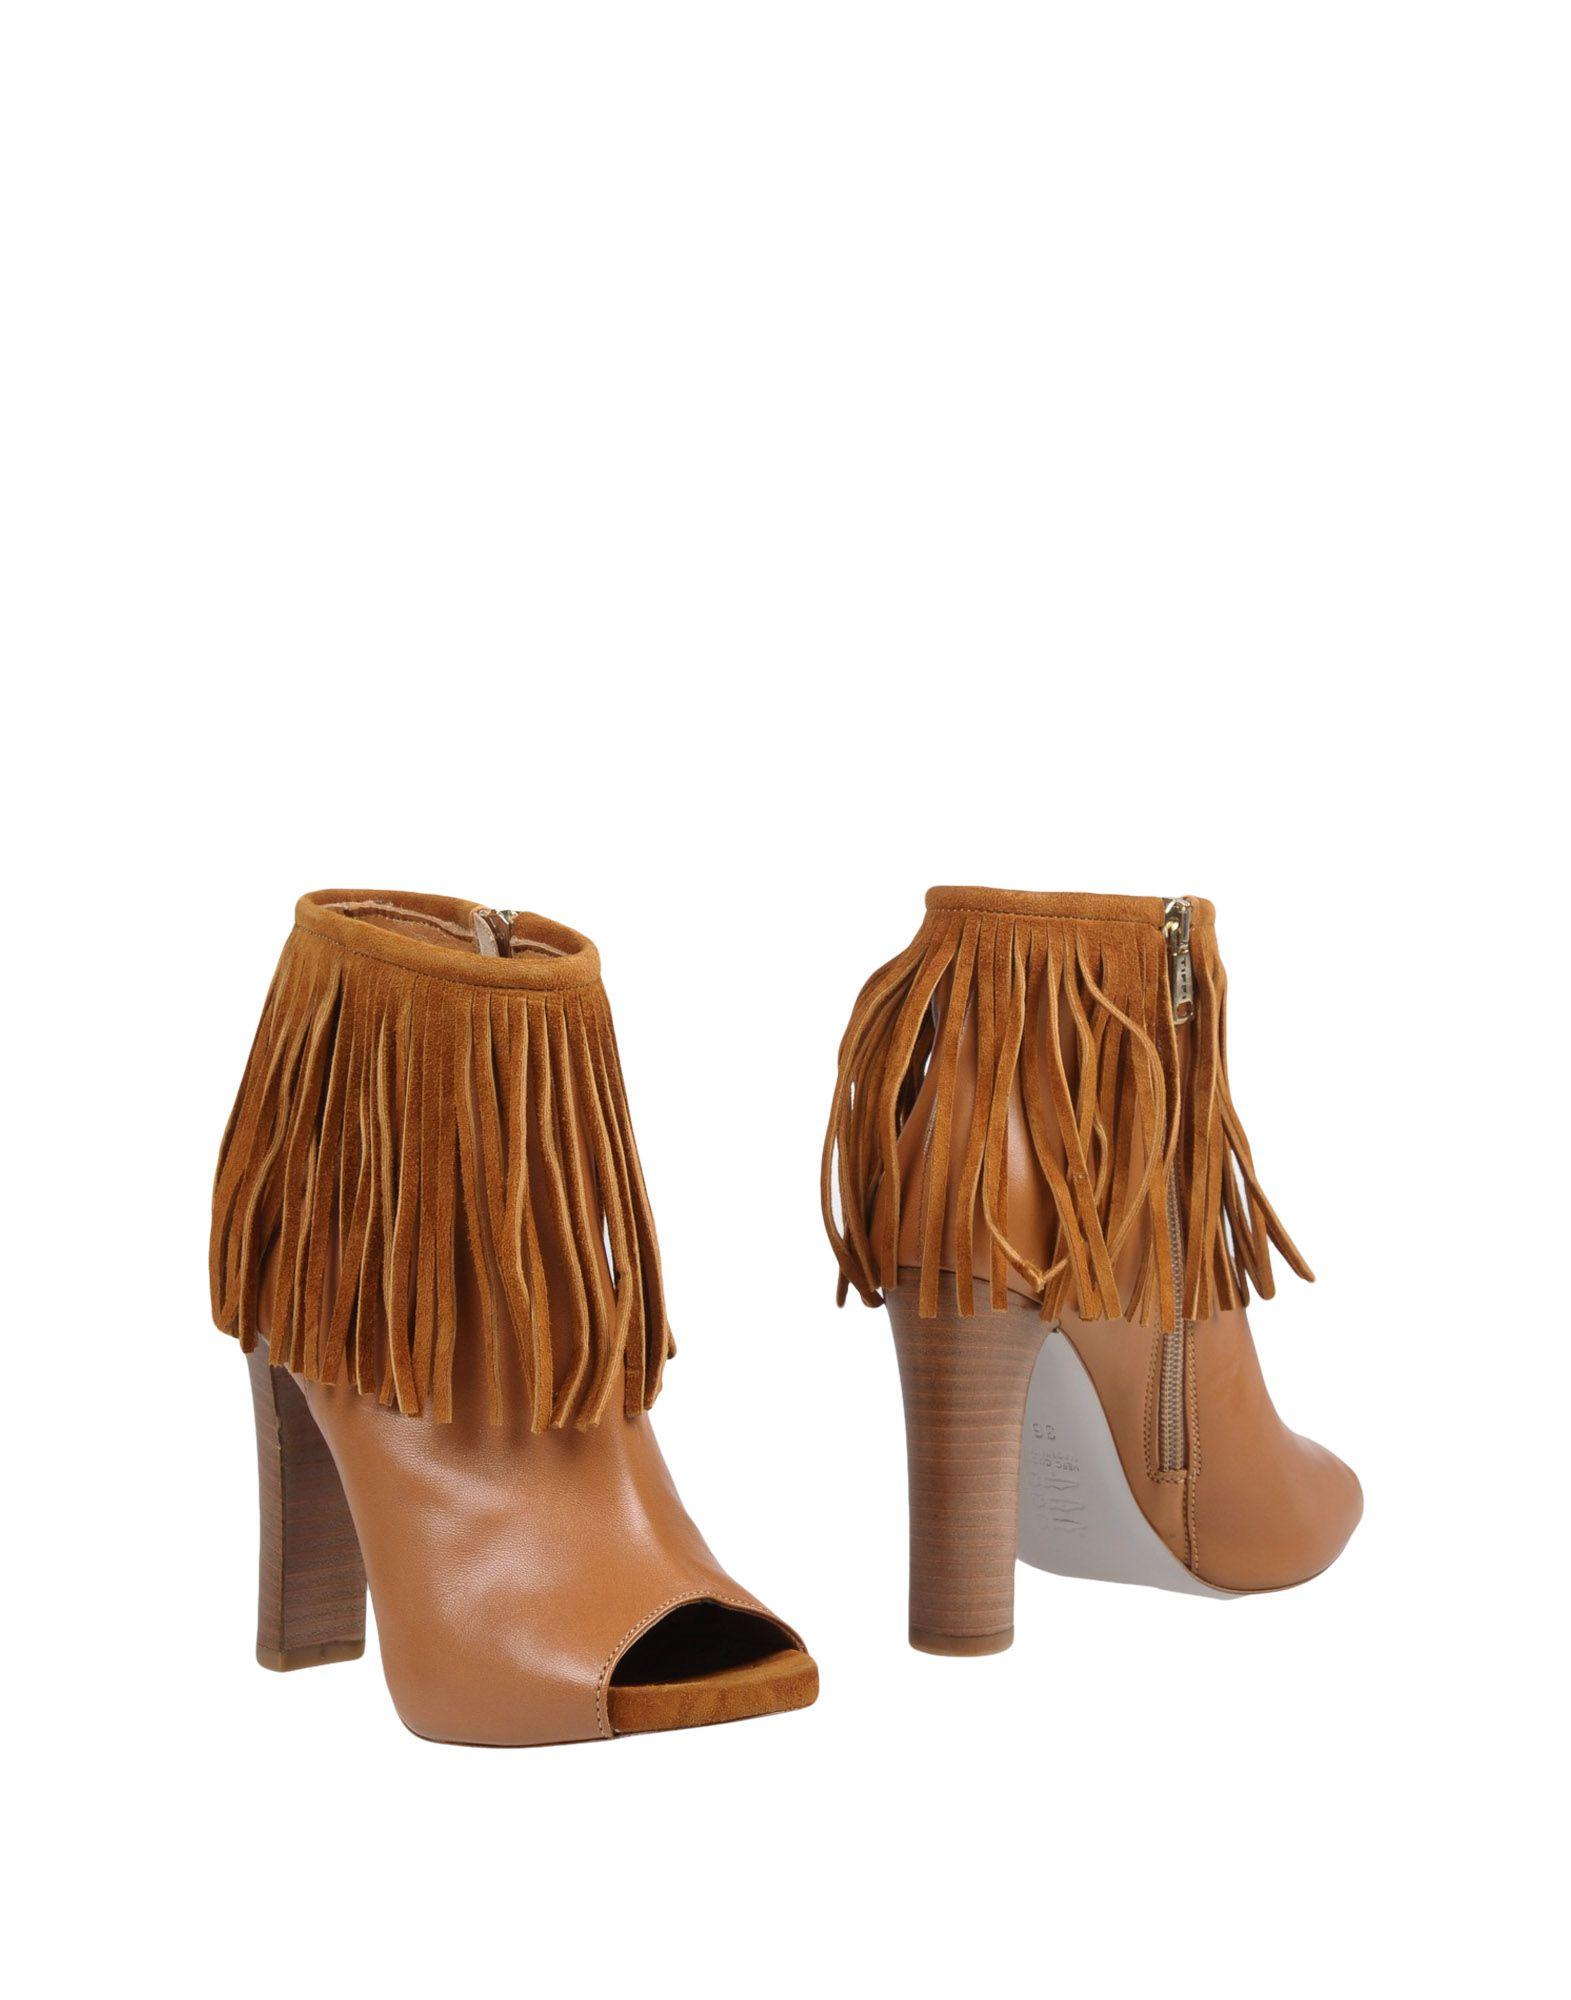 Tiffi Stiefelette Damen  11422193VC Gute Qualität beliebte Schuhe